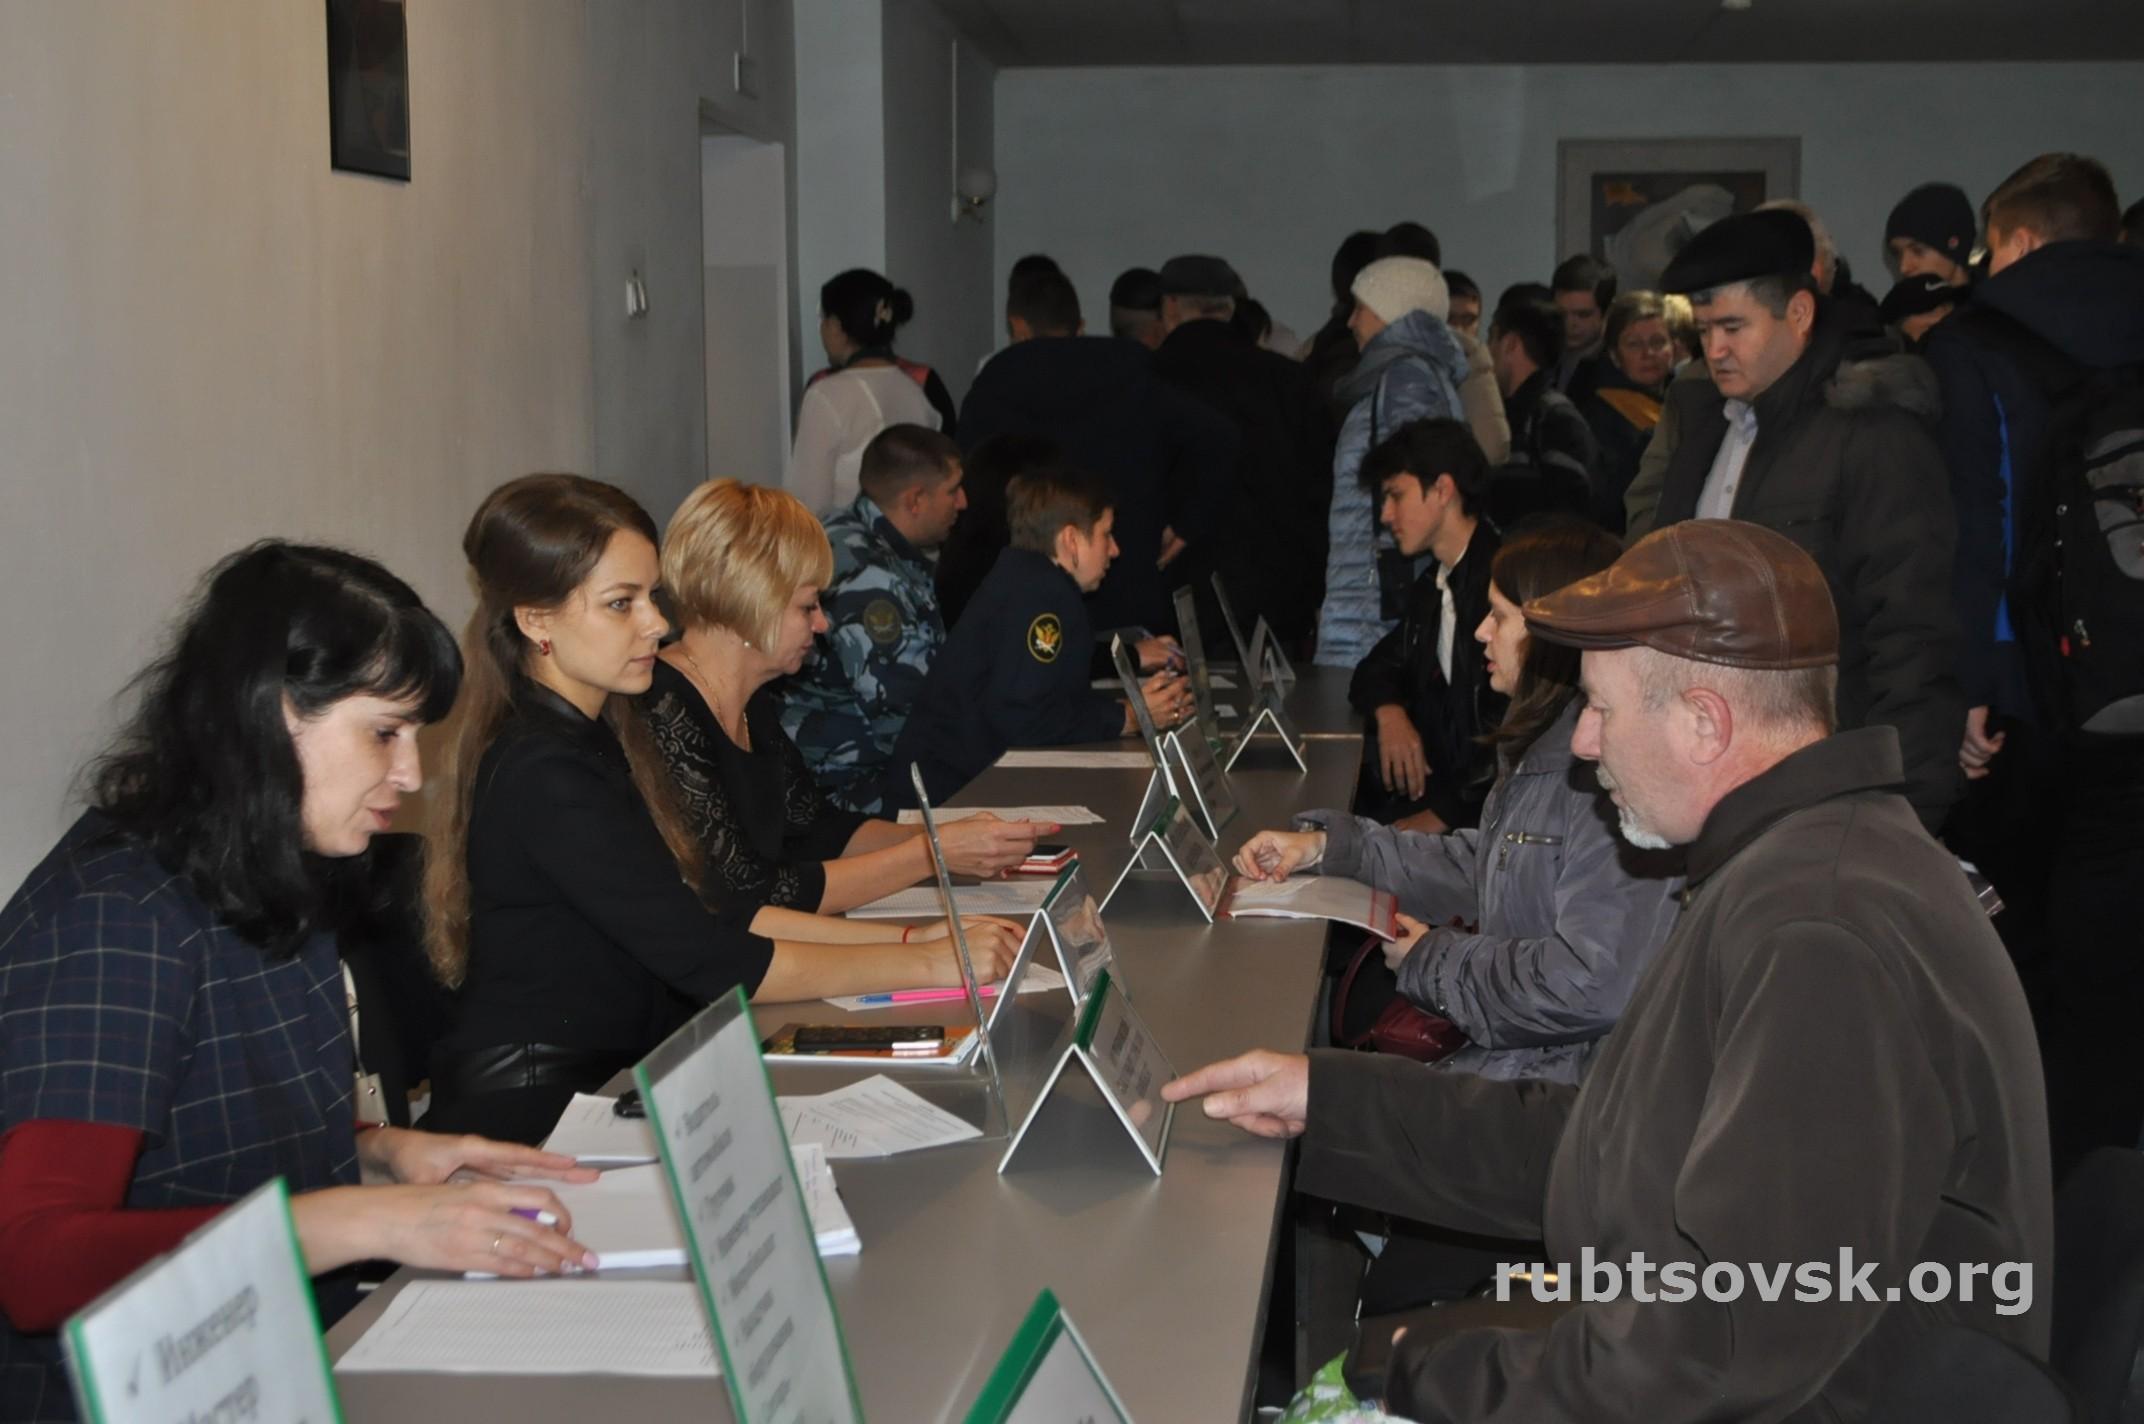 Рубцовск работа вакансии центр занятости